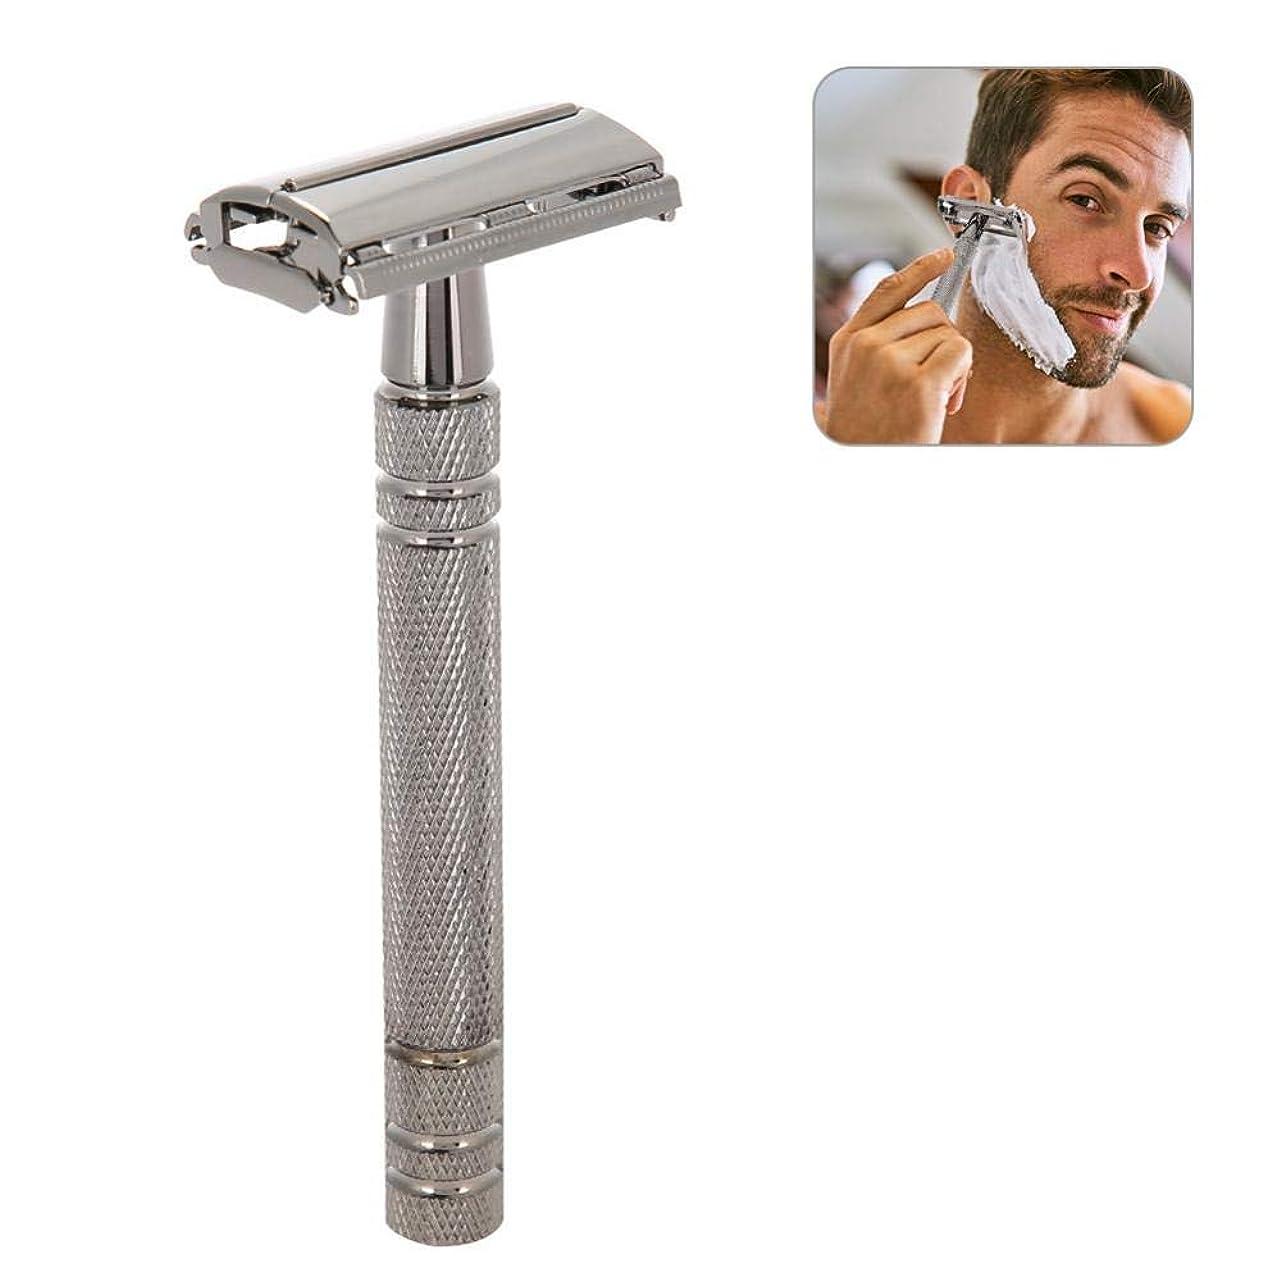 より良い自由毎回メンズシェーバー クラシックレイザー 脱毛器 剃刀 手動 交換可能なブレード(シルバー)